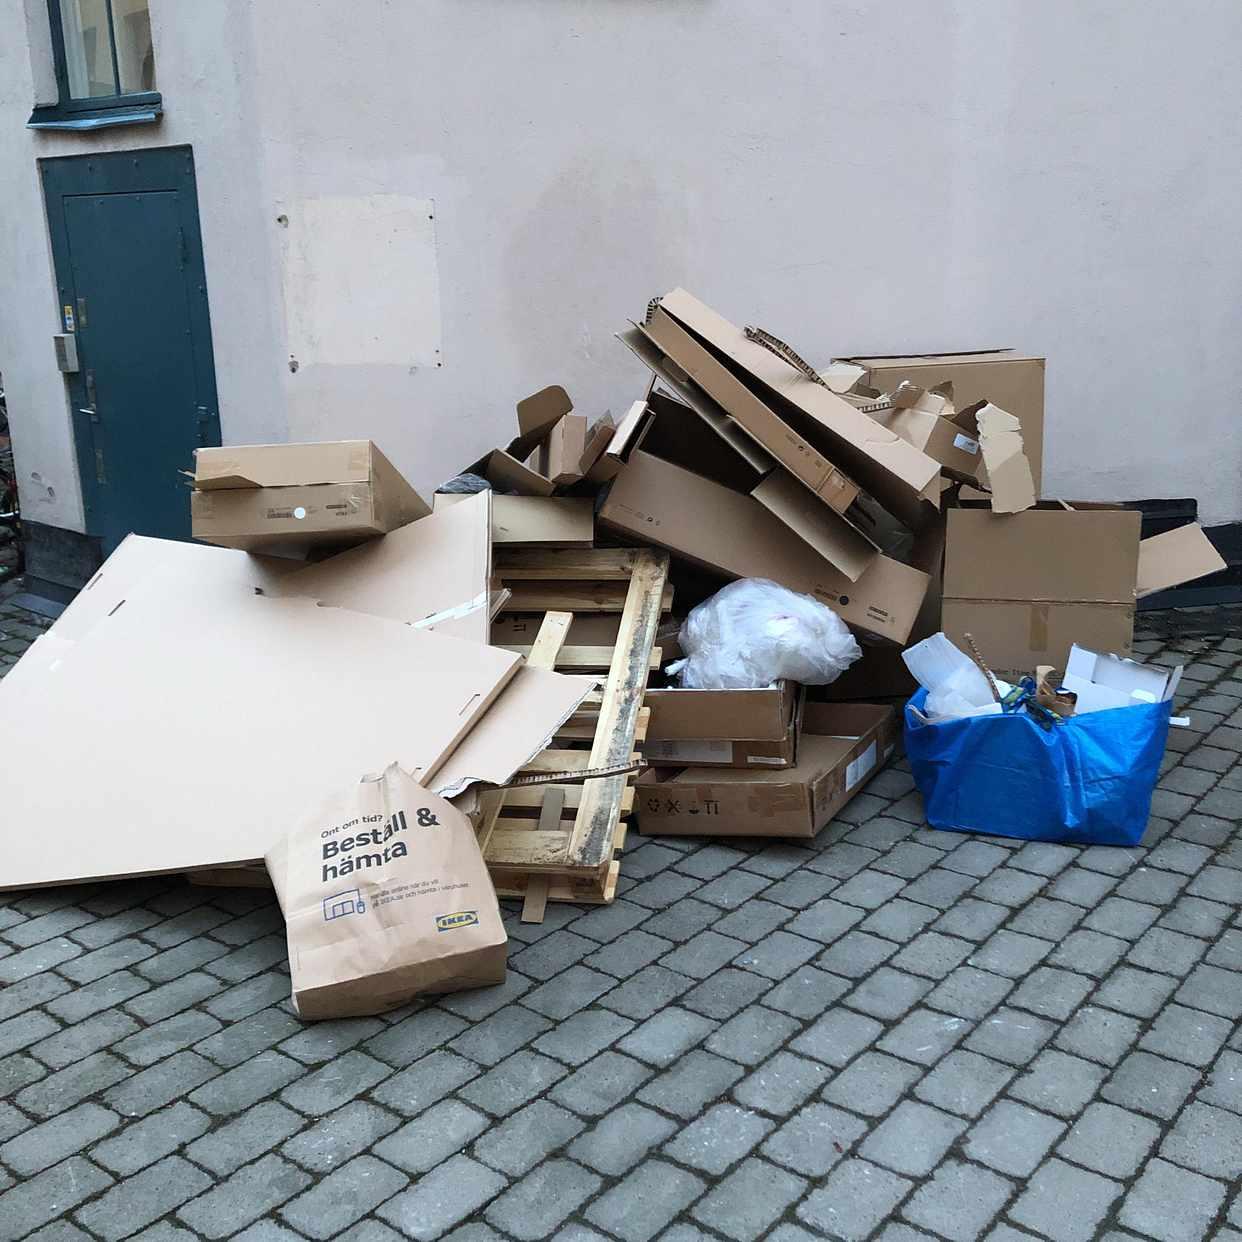 image of Emballage och en pall. - Stockholms Stad